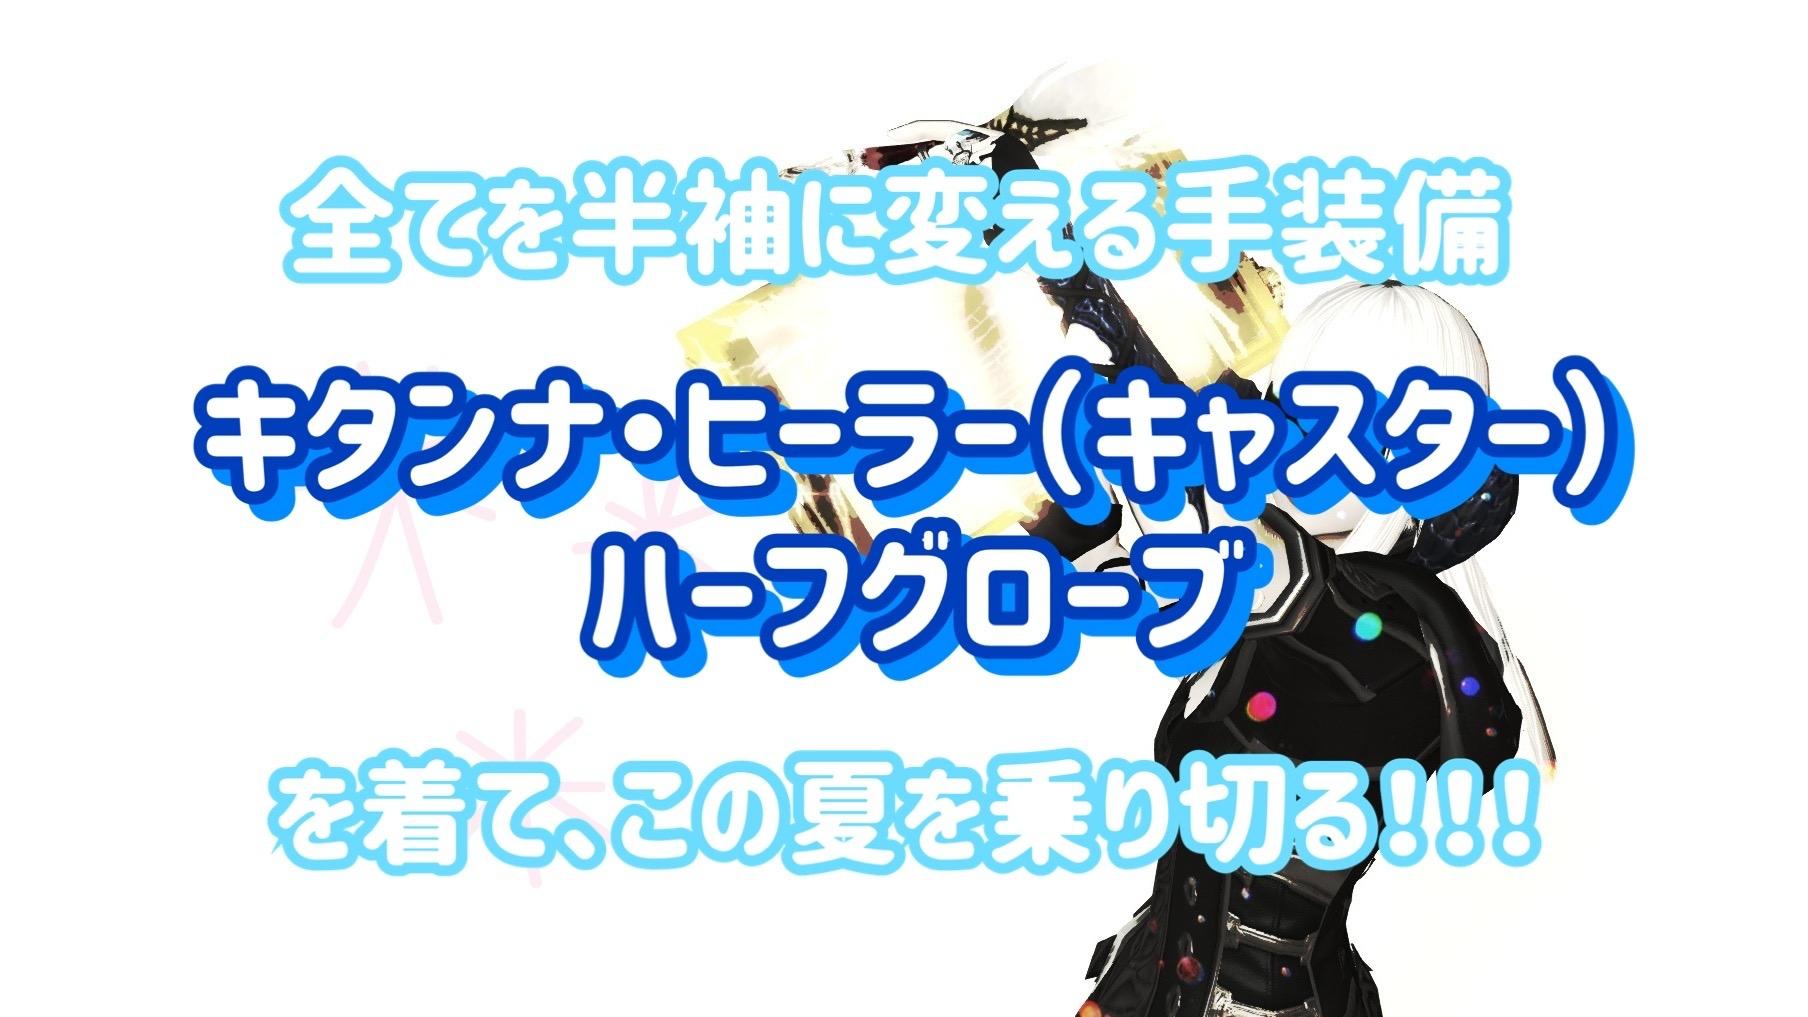 【FF14】胴装備を半袖に変える、キタンナ・ヒーラー(キャスター)ハーフグローブを着てこの夏を乗り切る!!!